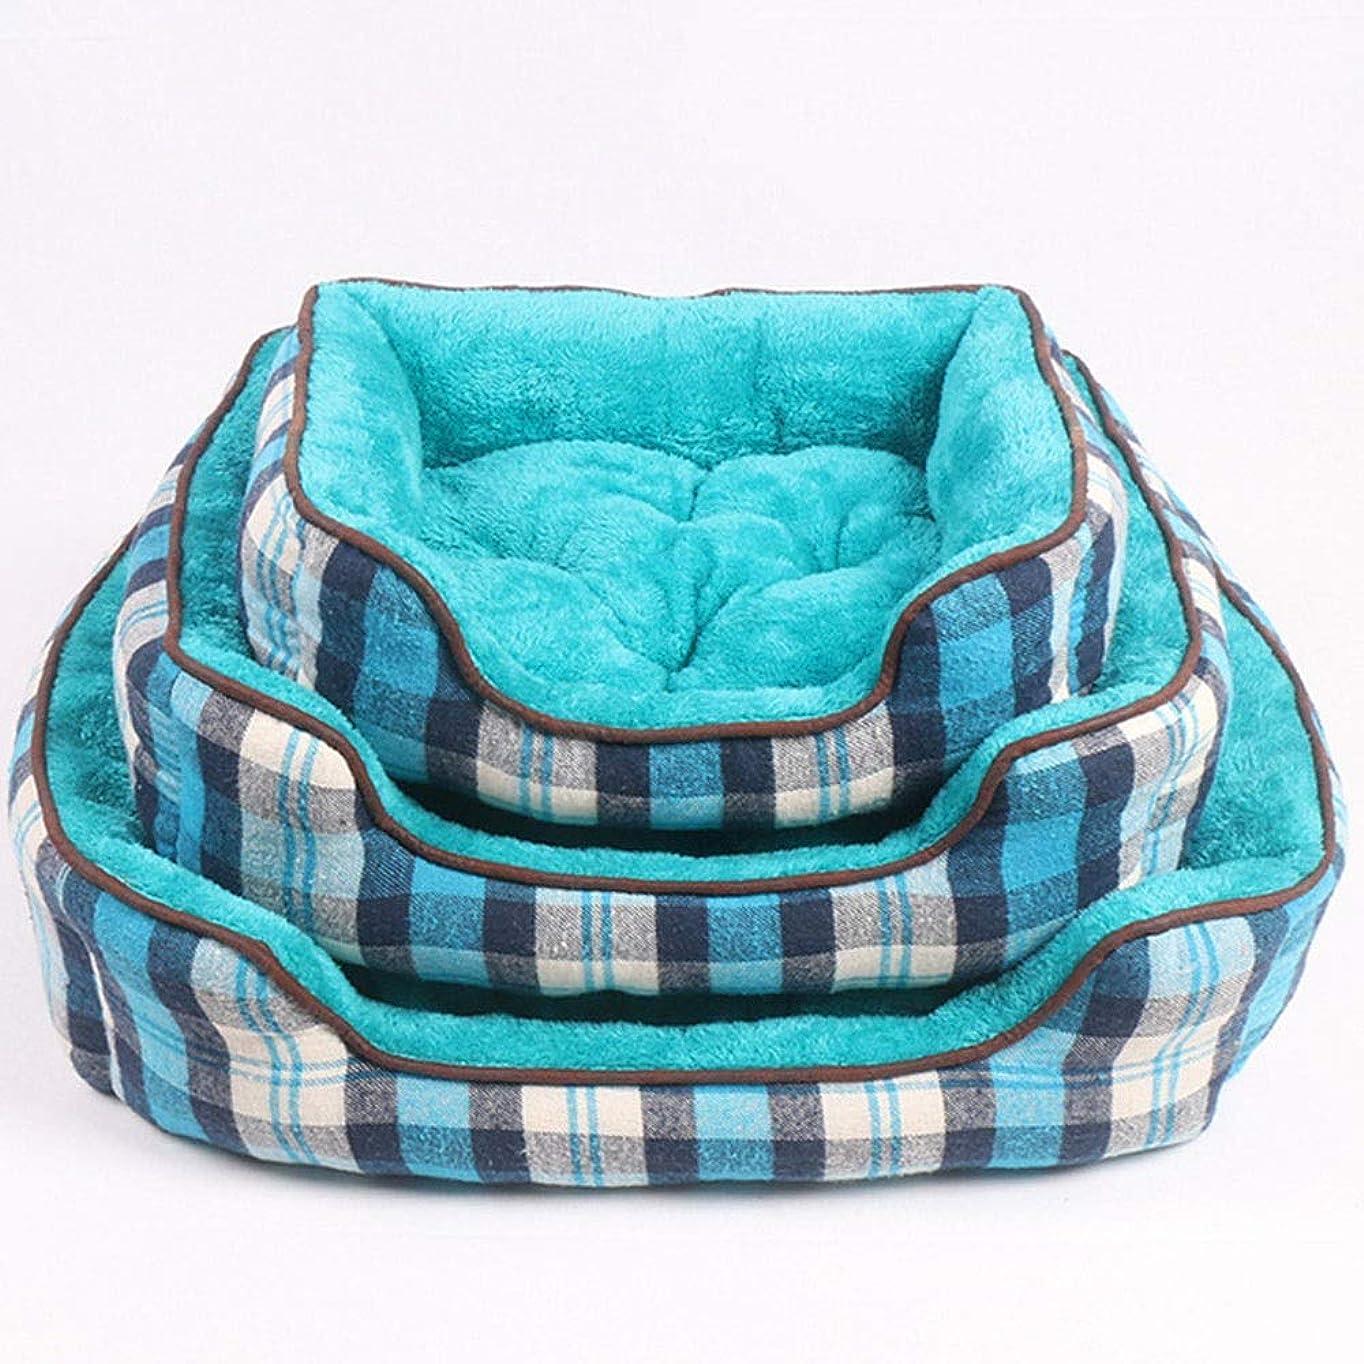 マナー嵐のボトルPeii Rori 長方形 犬小屋 ベッド 猫寝袋 ペット用品 ポータブル 軽量 ペットマット ペットクッション 寝心地がよい (Color : As-picture, サイズ : M)